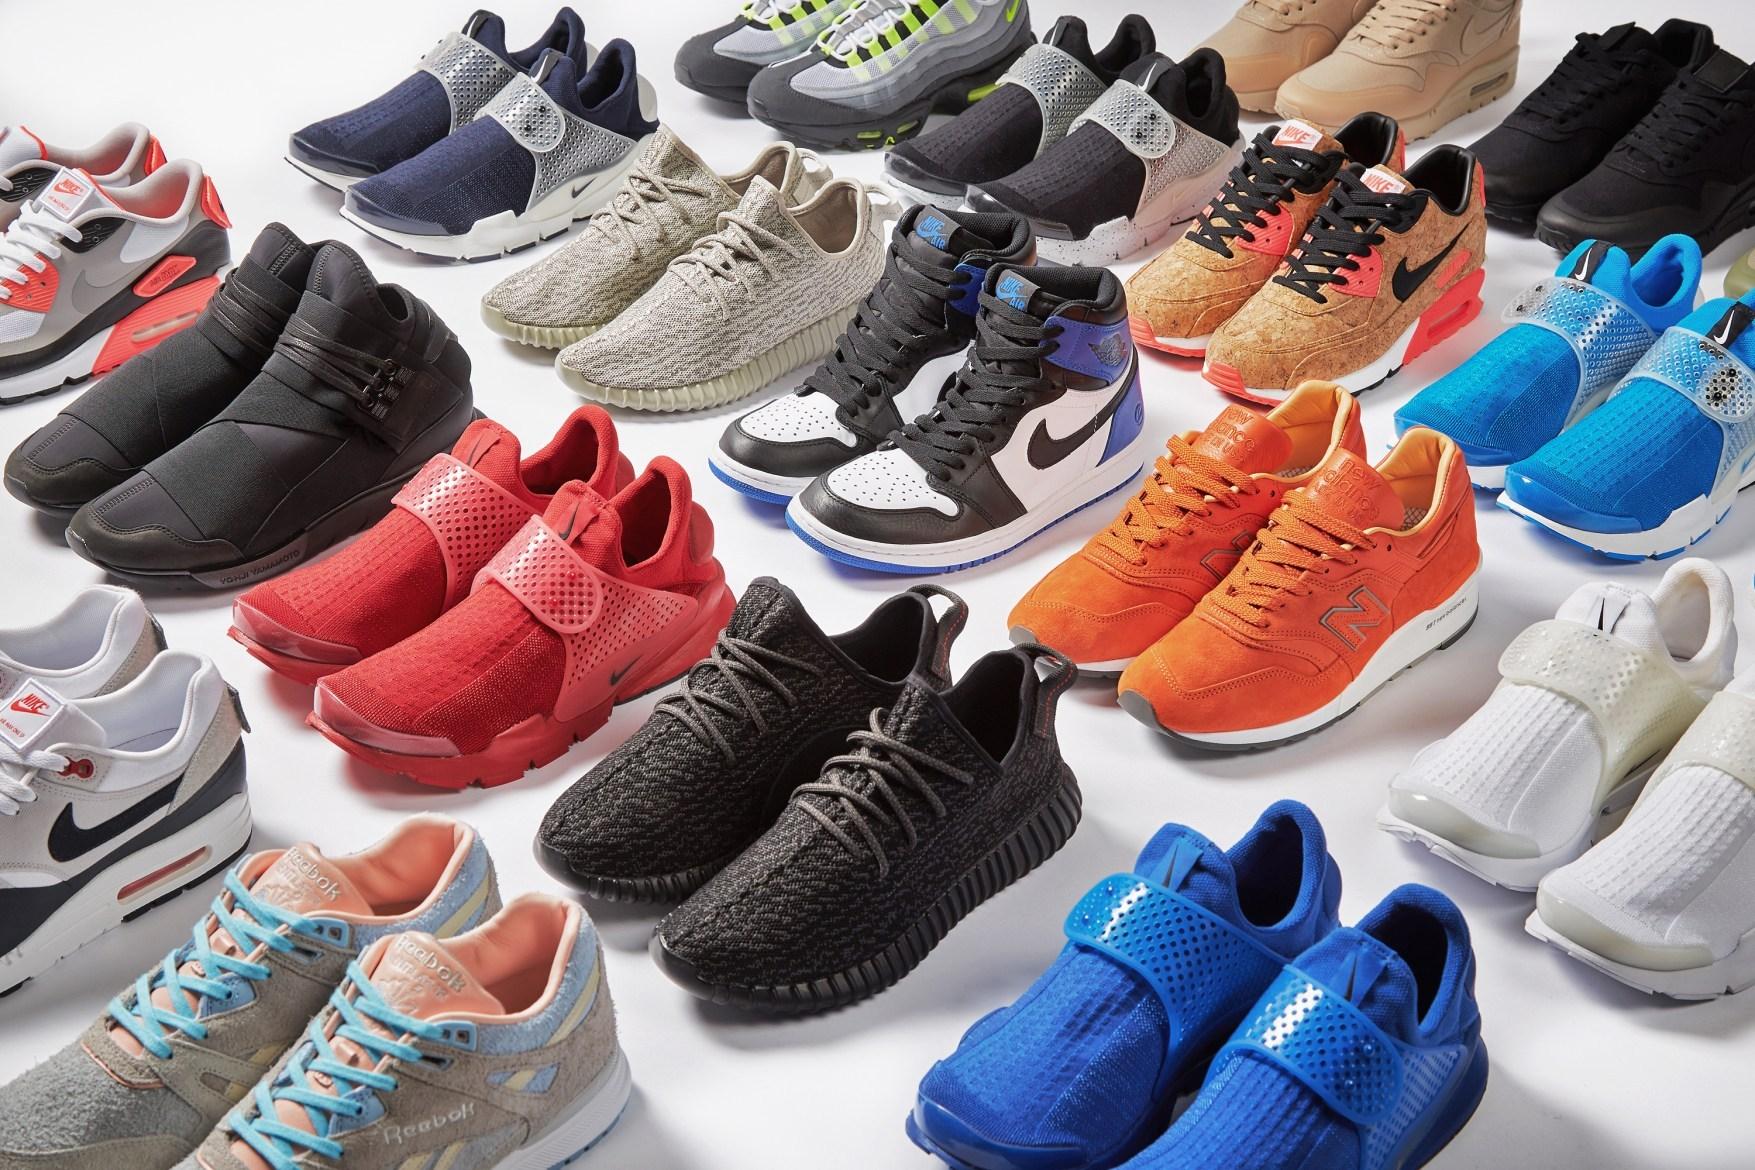 9個不用代購折扣多多「很多比台灣便宜」國外購物網站!#8球鞋控必備!